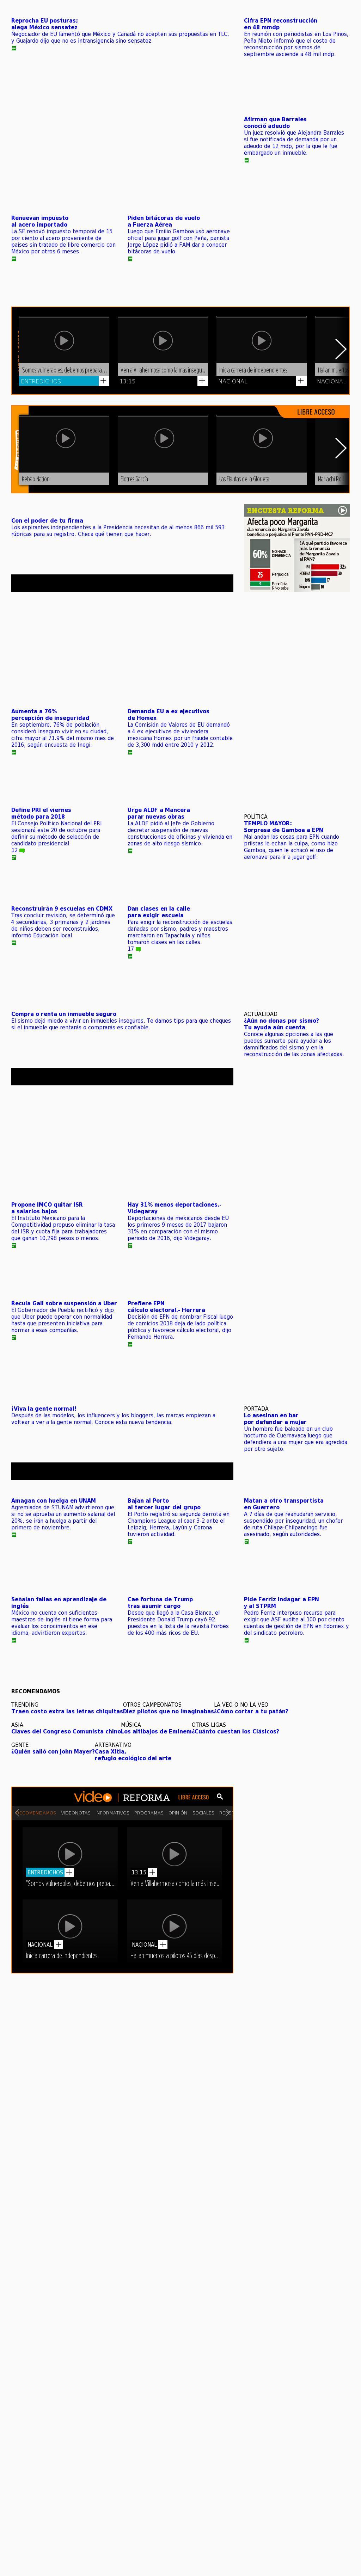 Reforma.com at Tuesday Oct. 17, 2017, 9:14 p.m. UTC